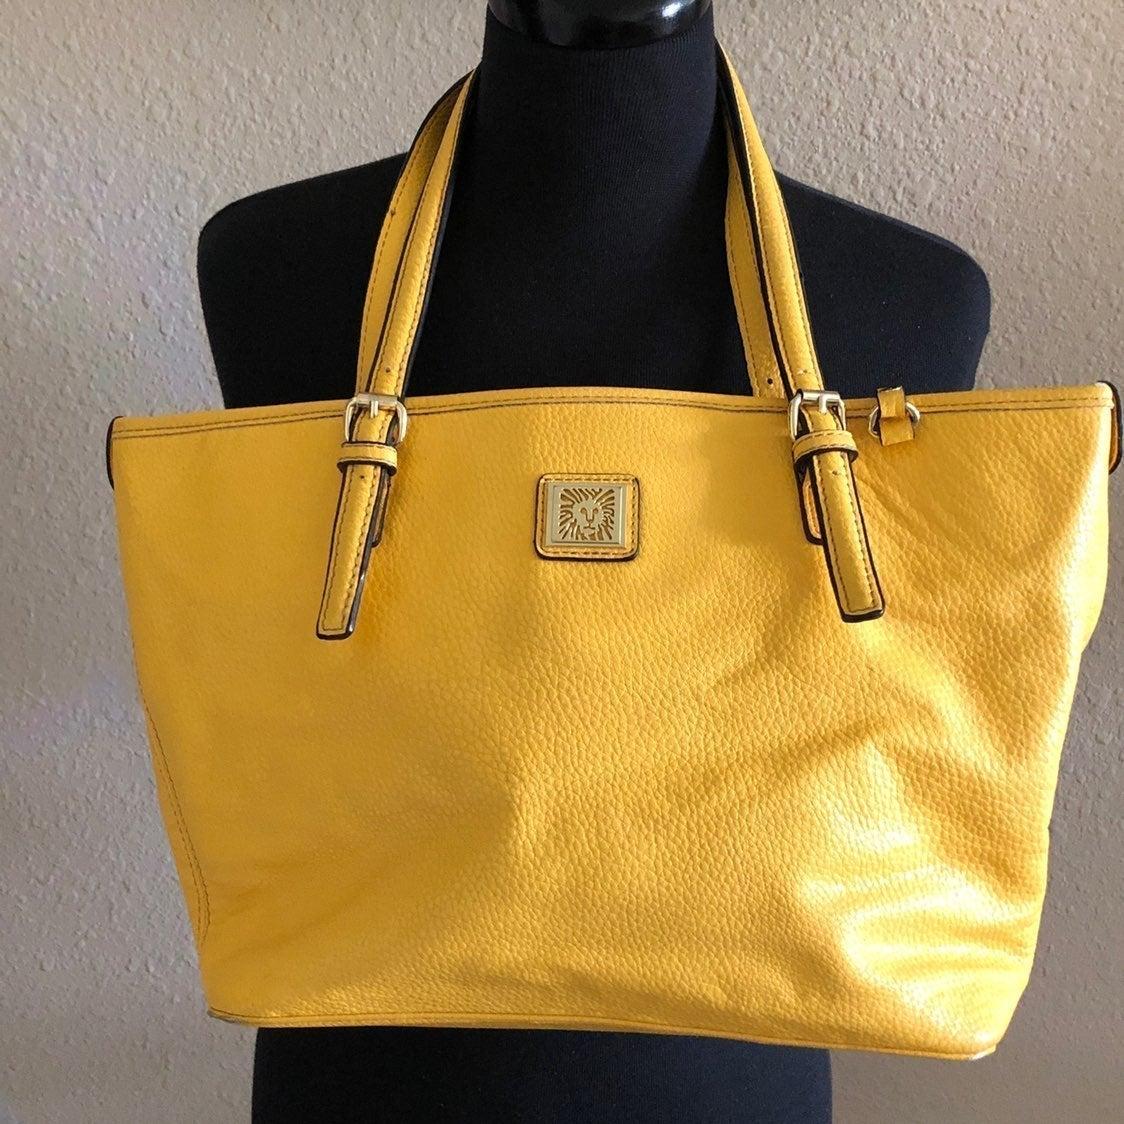 Anne Klein adjustable strap purse yellow